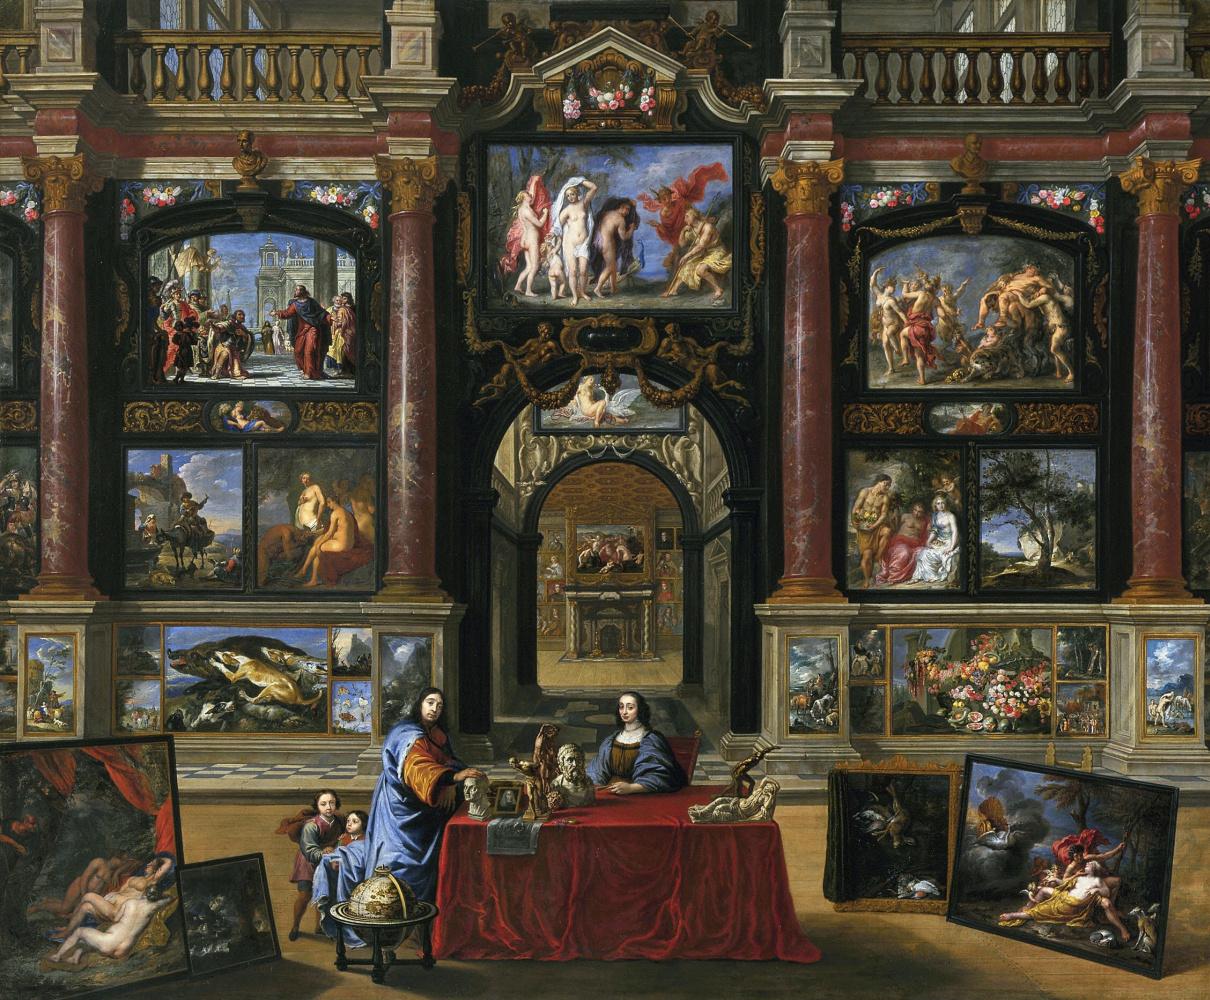 Гонзалес Кокс. Семейный портрет в интерьере картинной галереи